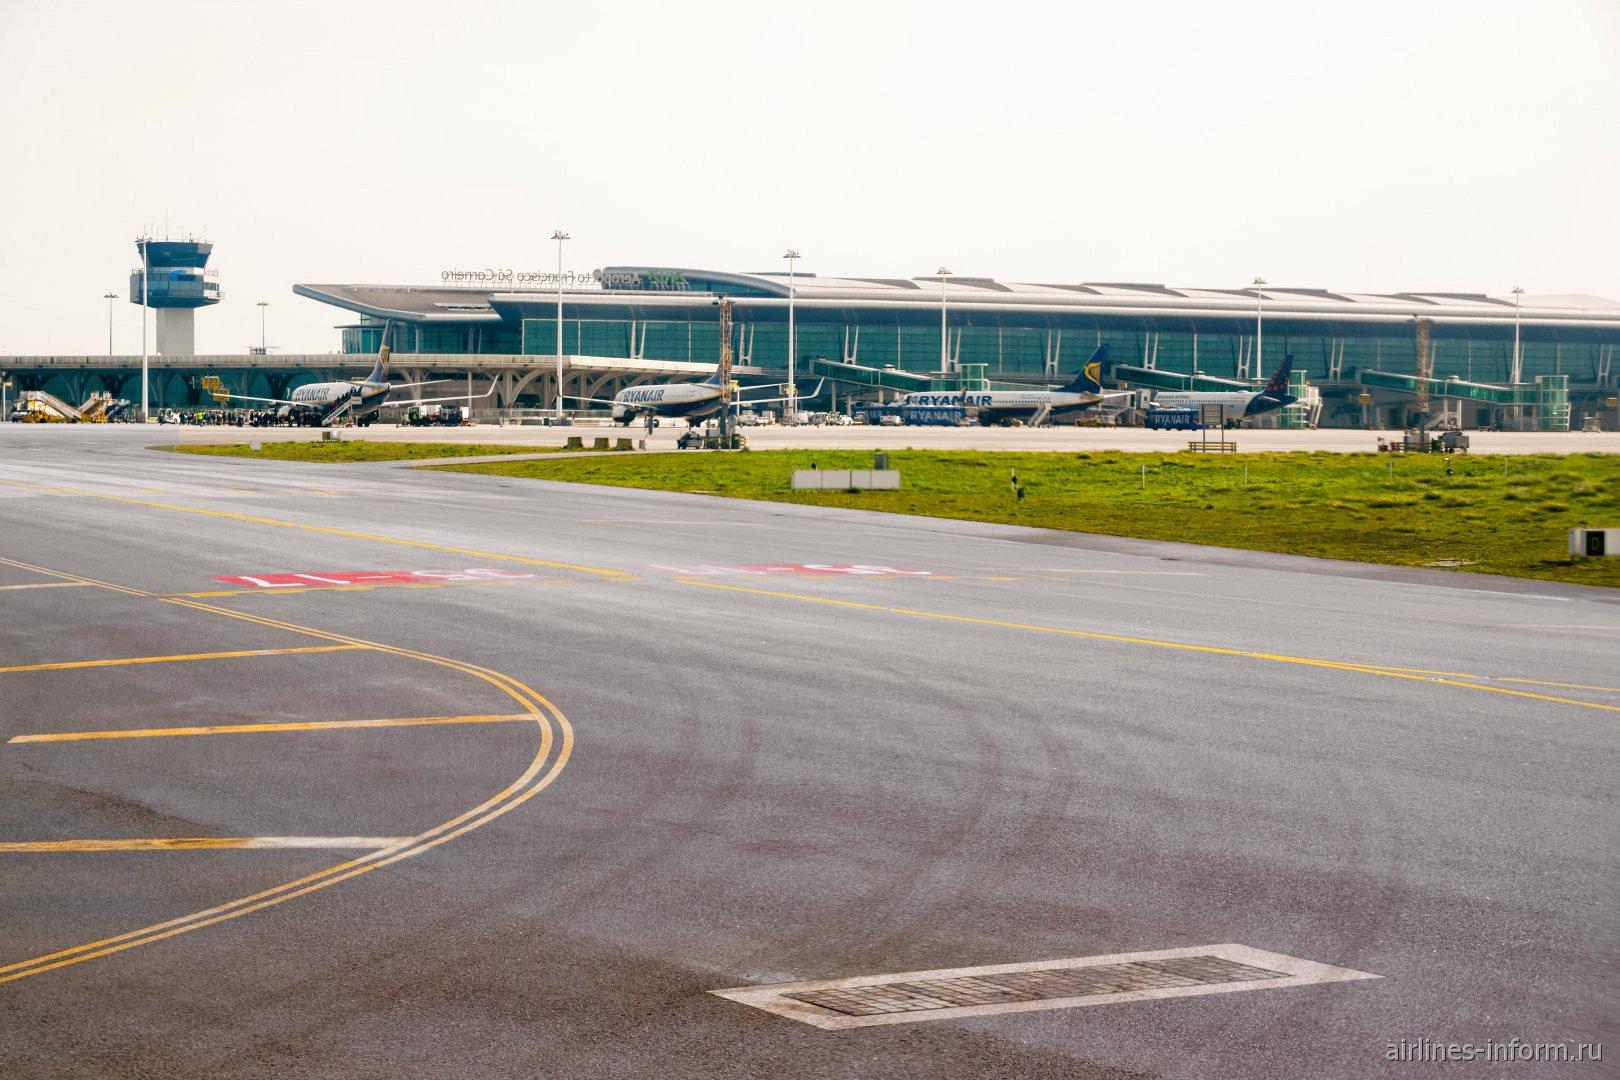 Вид с перрона на пассажирский терминал аэропорта Порту Франсишку Карнейру